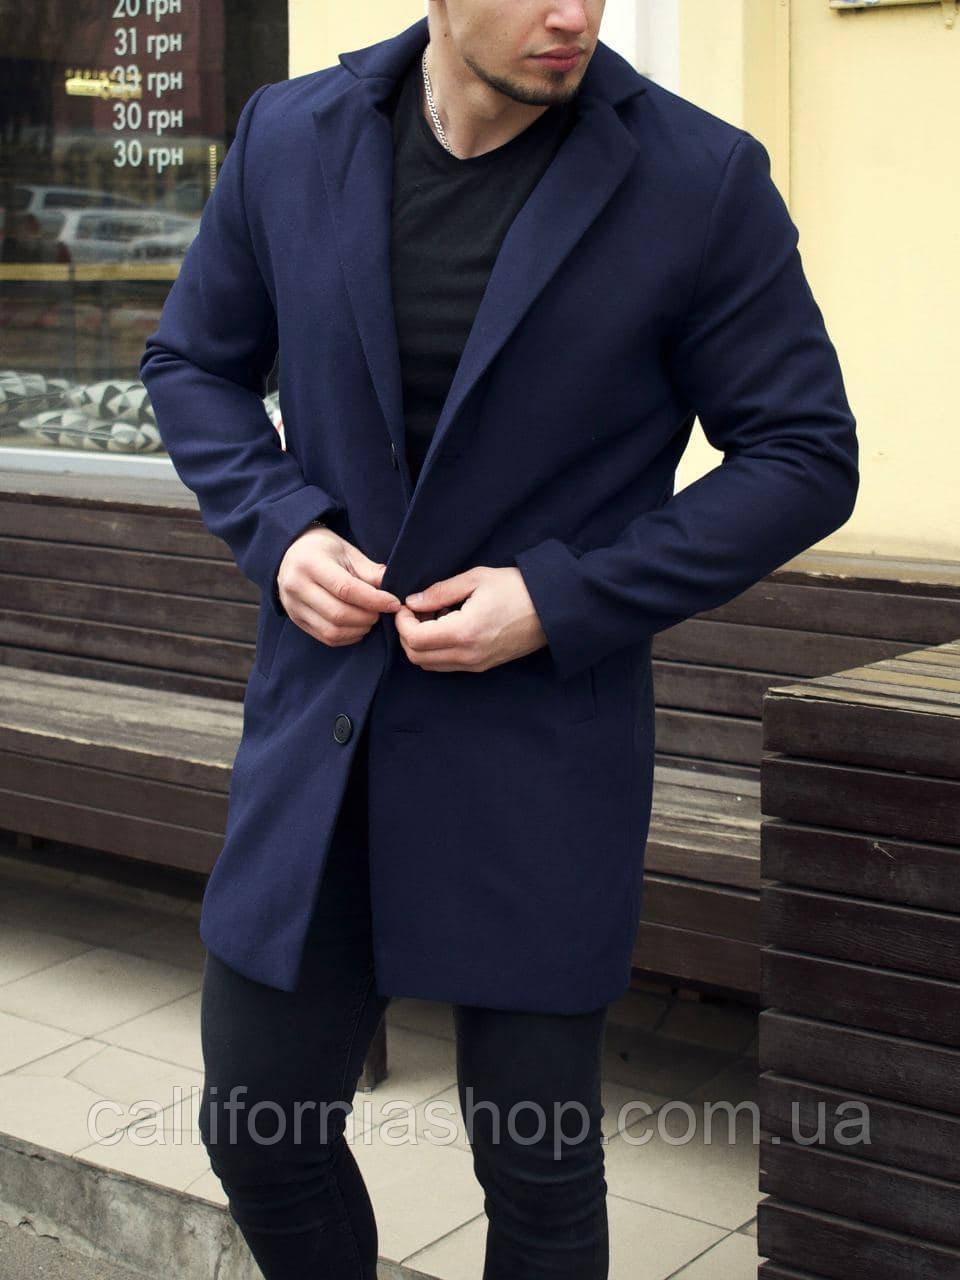 Пальто чоловіче класичне кашемірове темно-синього кольору довге демісезонне